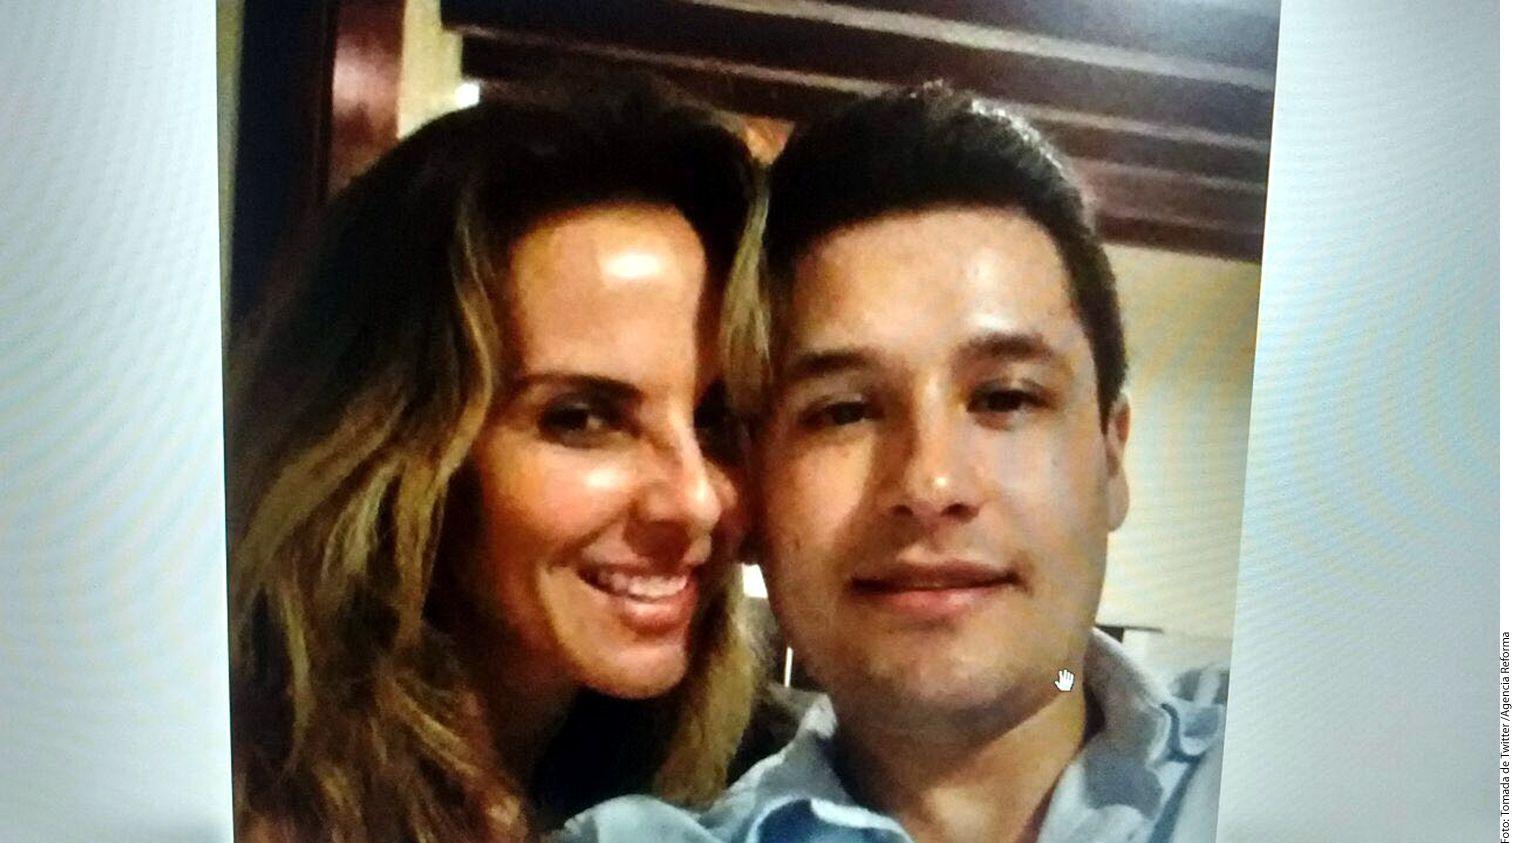 """Este miércoles se filtró una fotografía en la que aparece Kate del Castillo al lado de Jesús Alfredo Guzmán Salazar, hijo de Joaquín """"El Chapo"""" Guzmán y quien fue privado de su libertad el lunes en Puerto Vallarta./AGENCIA REFORMA"""